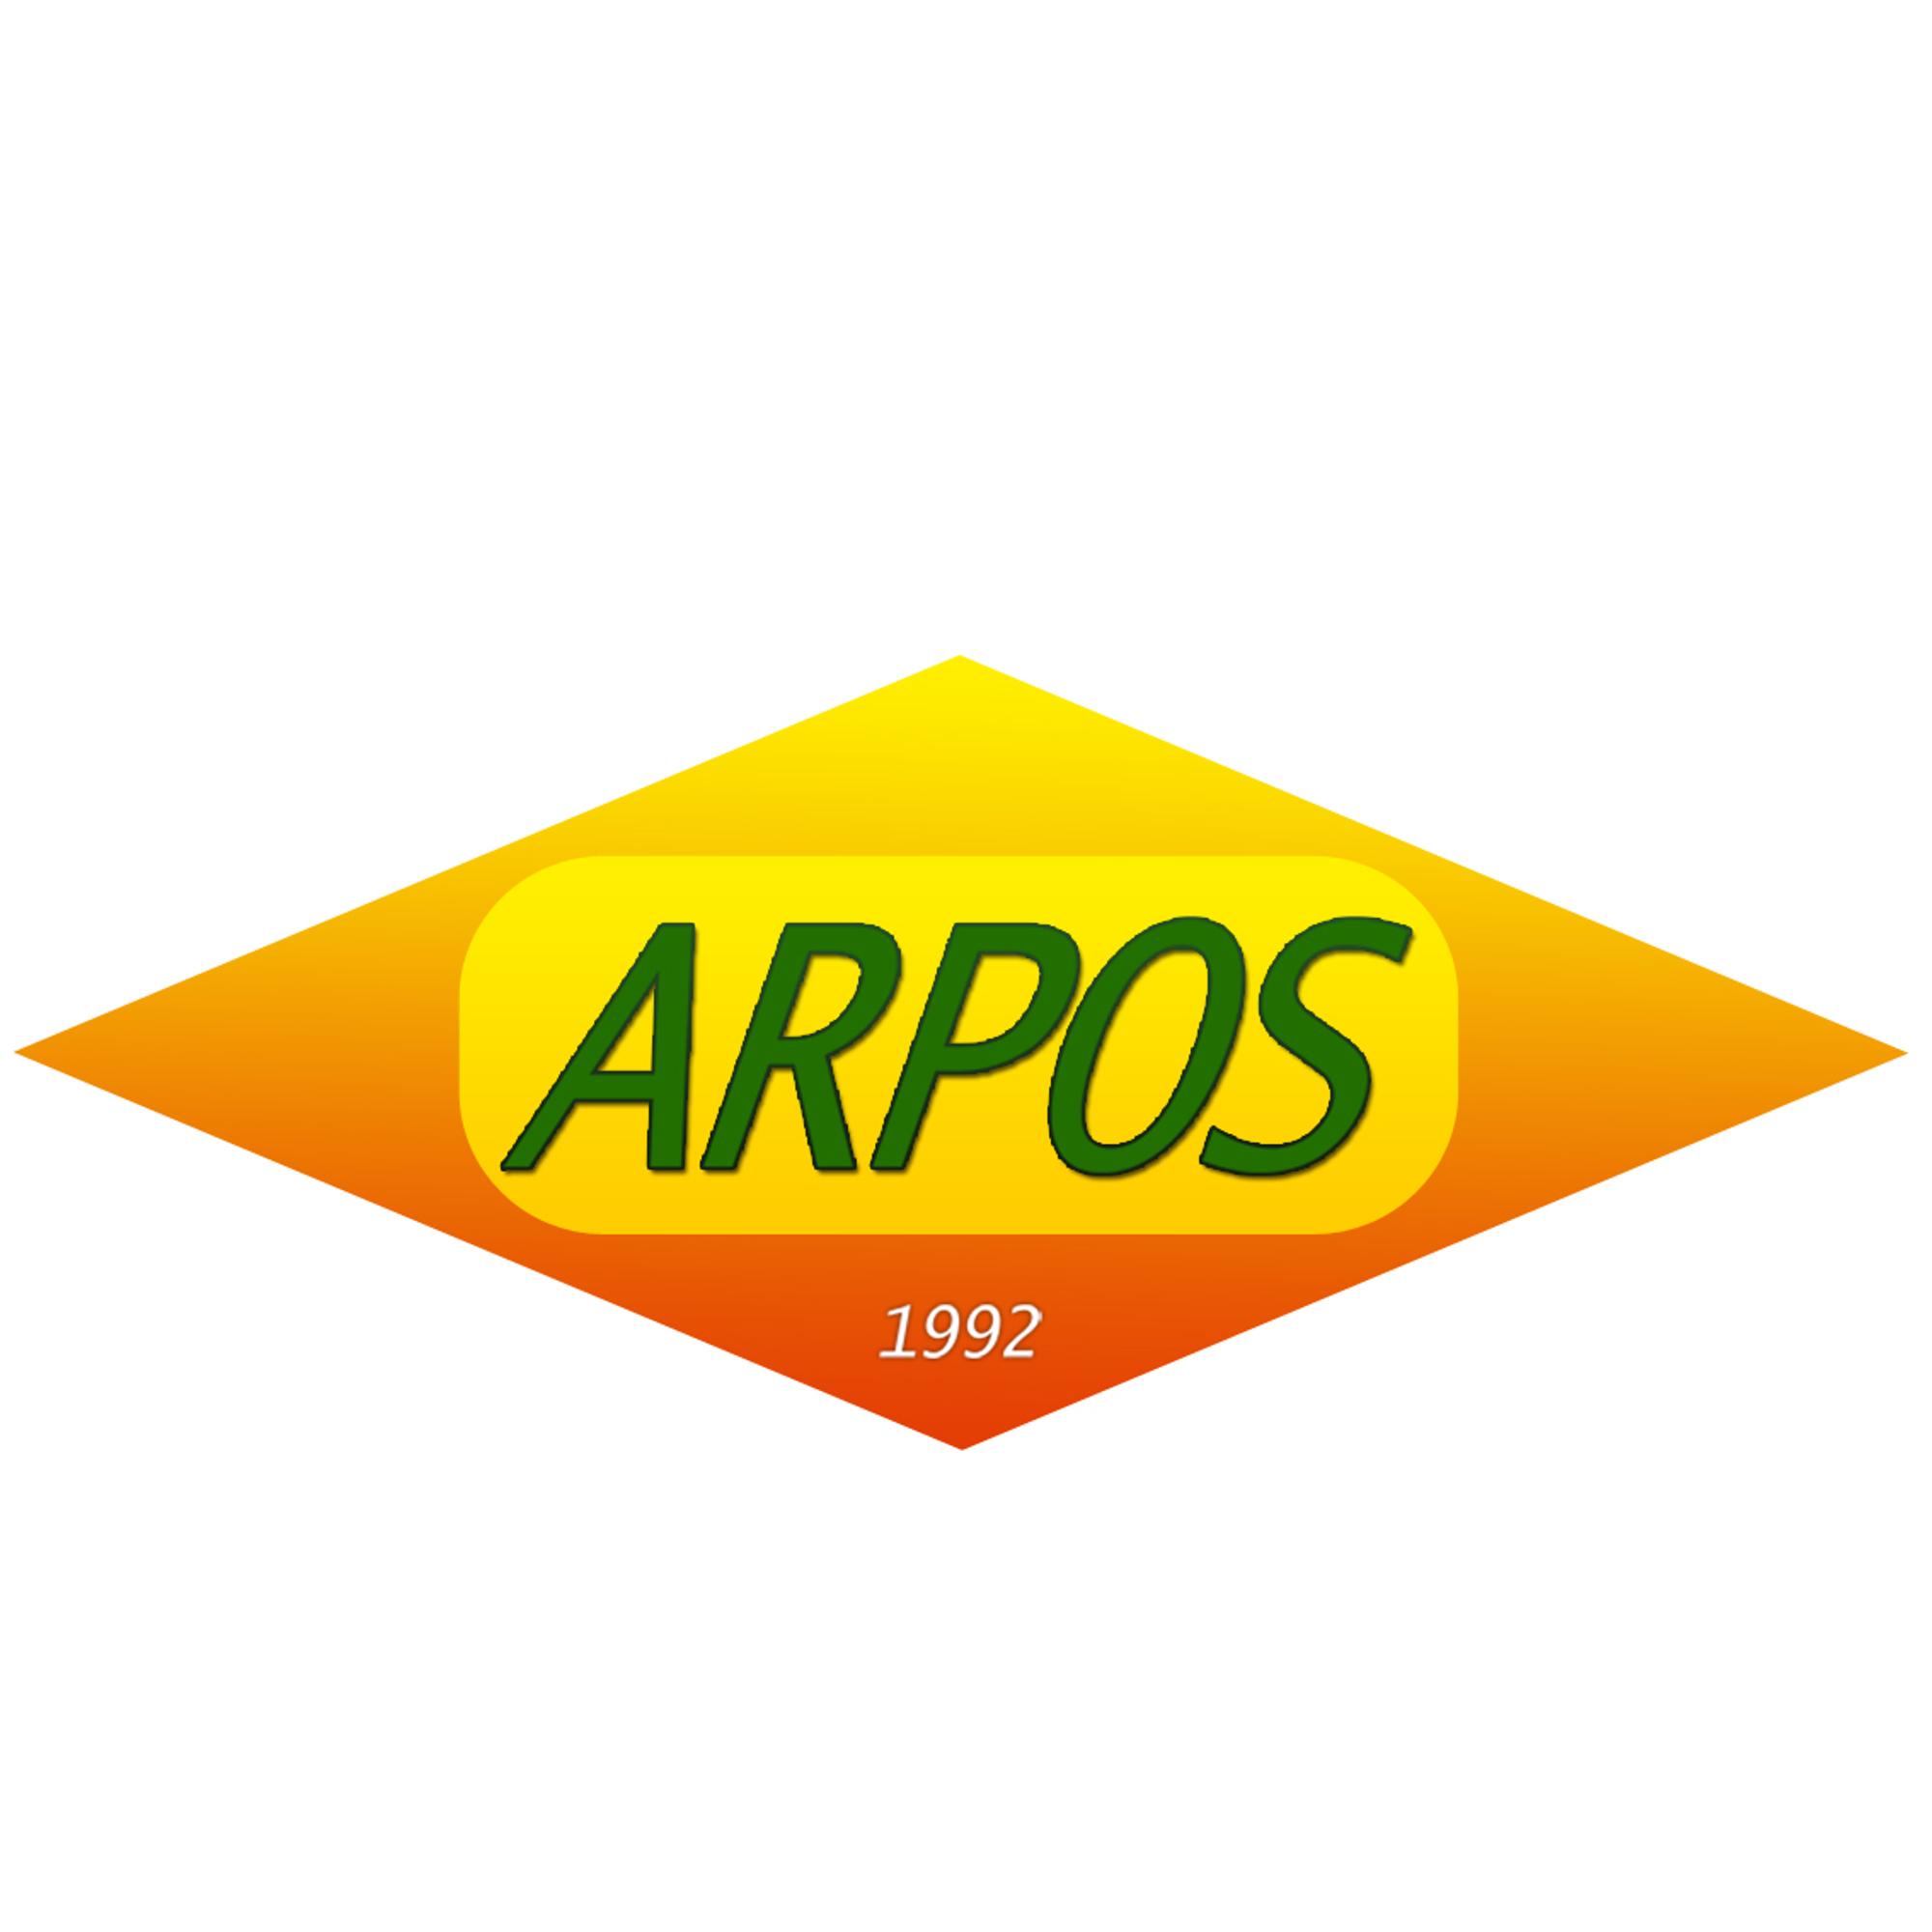 Arpos